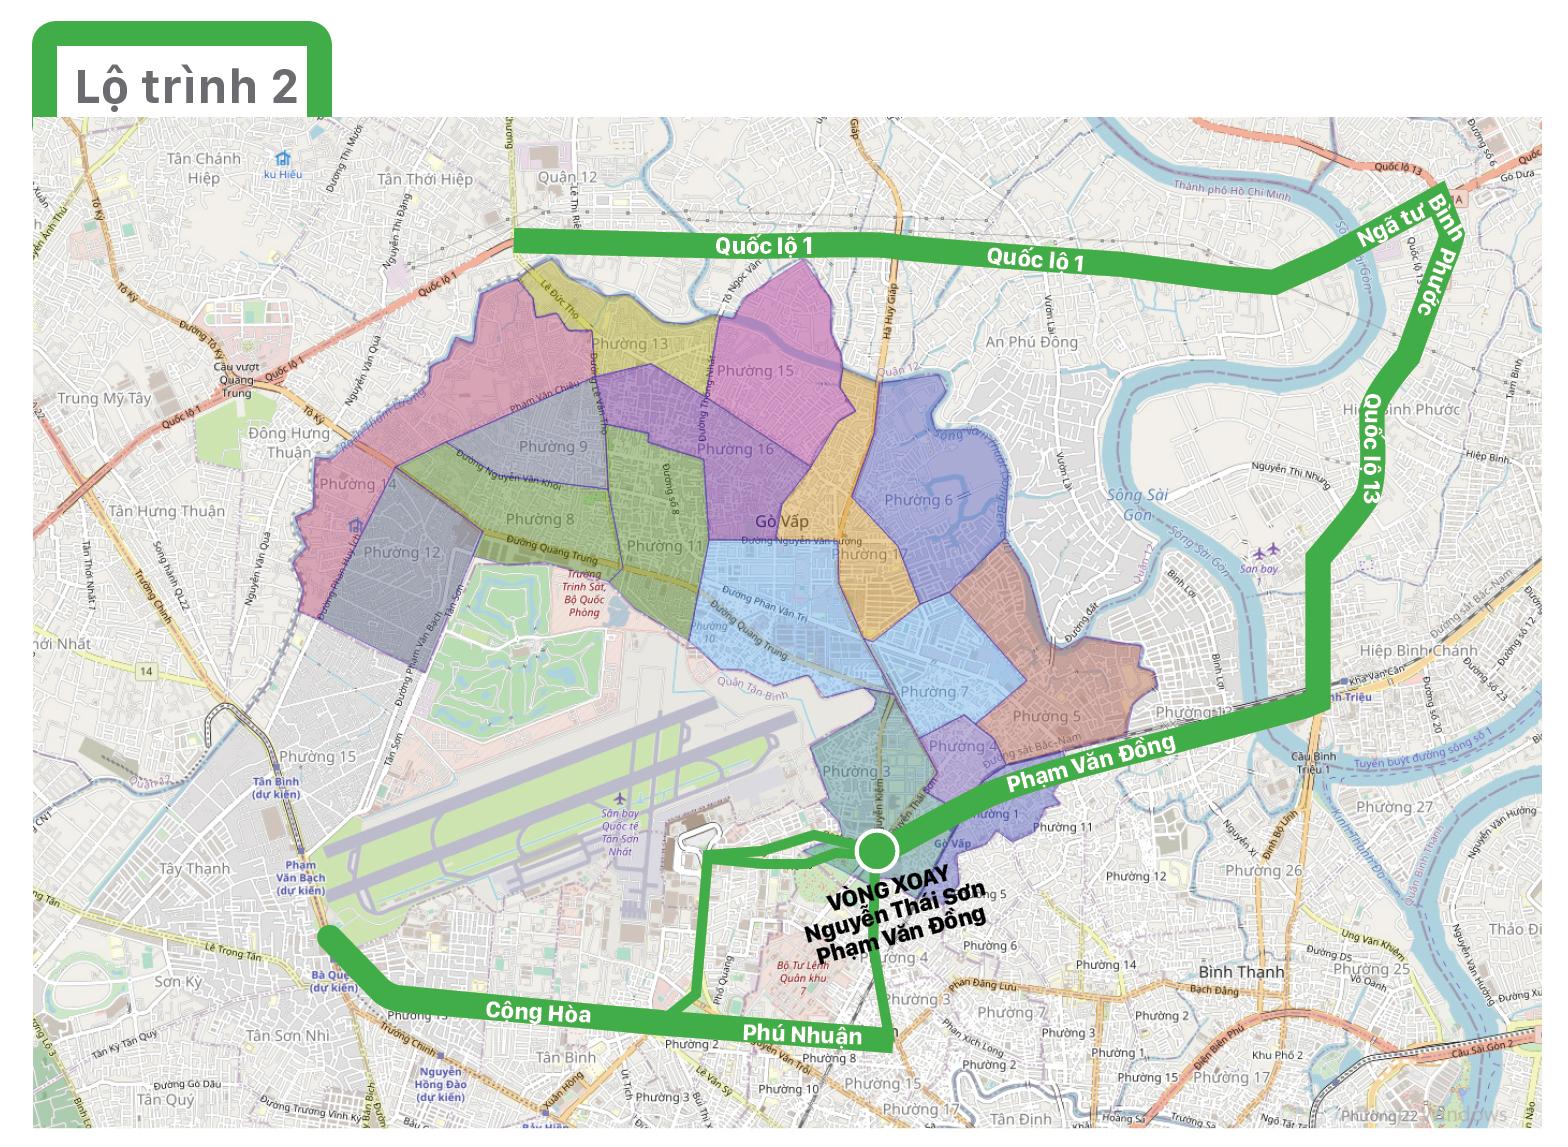 Một số lộ trình lưu thông không qua địa bàn quận Gò Vấp ảnh 3